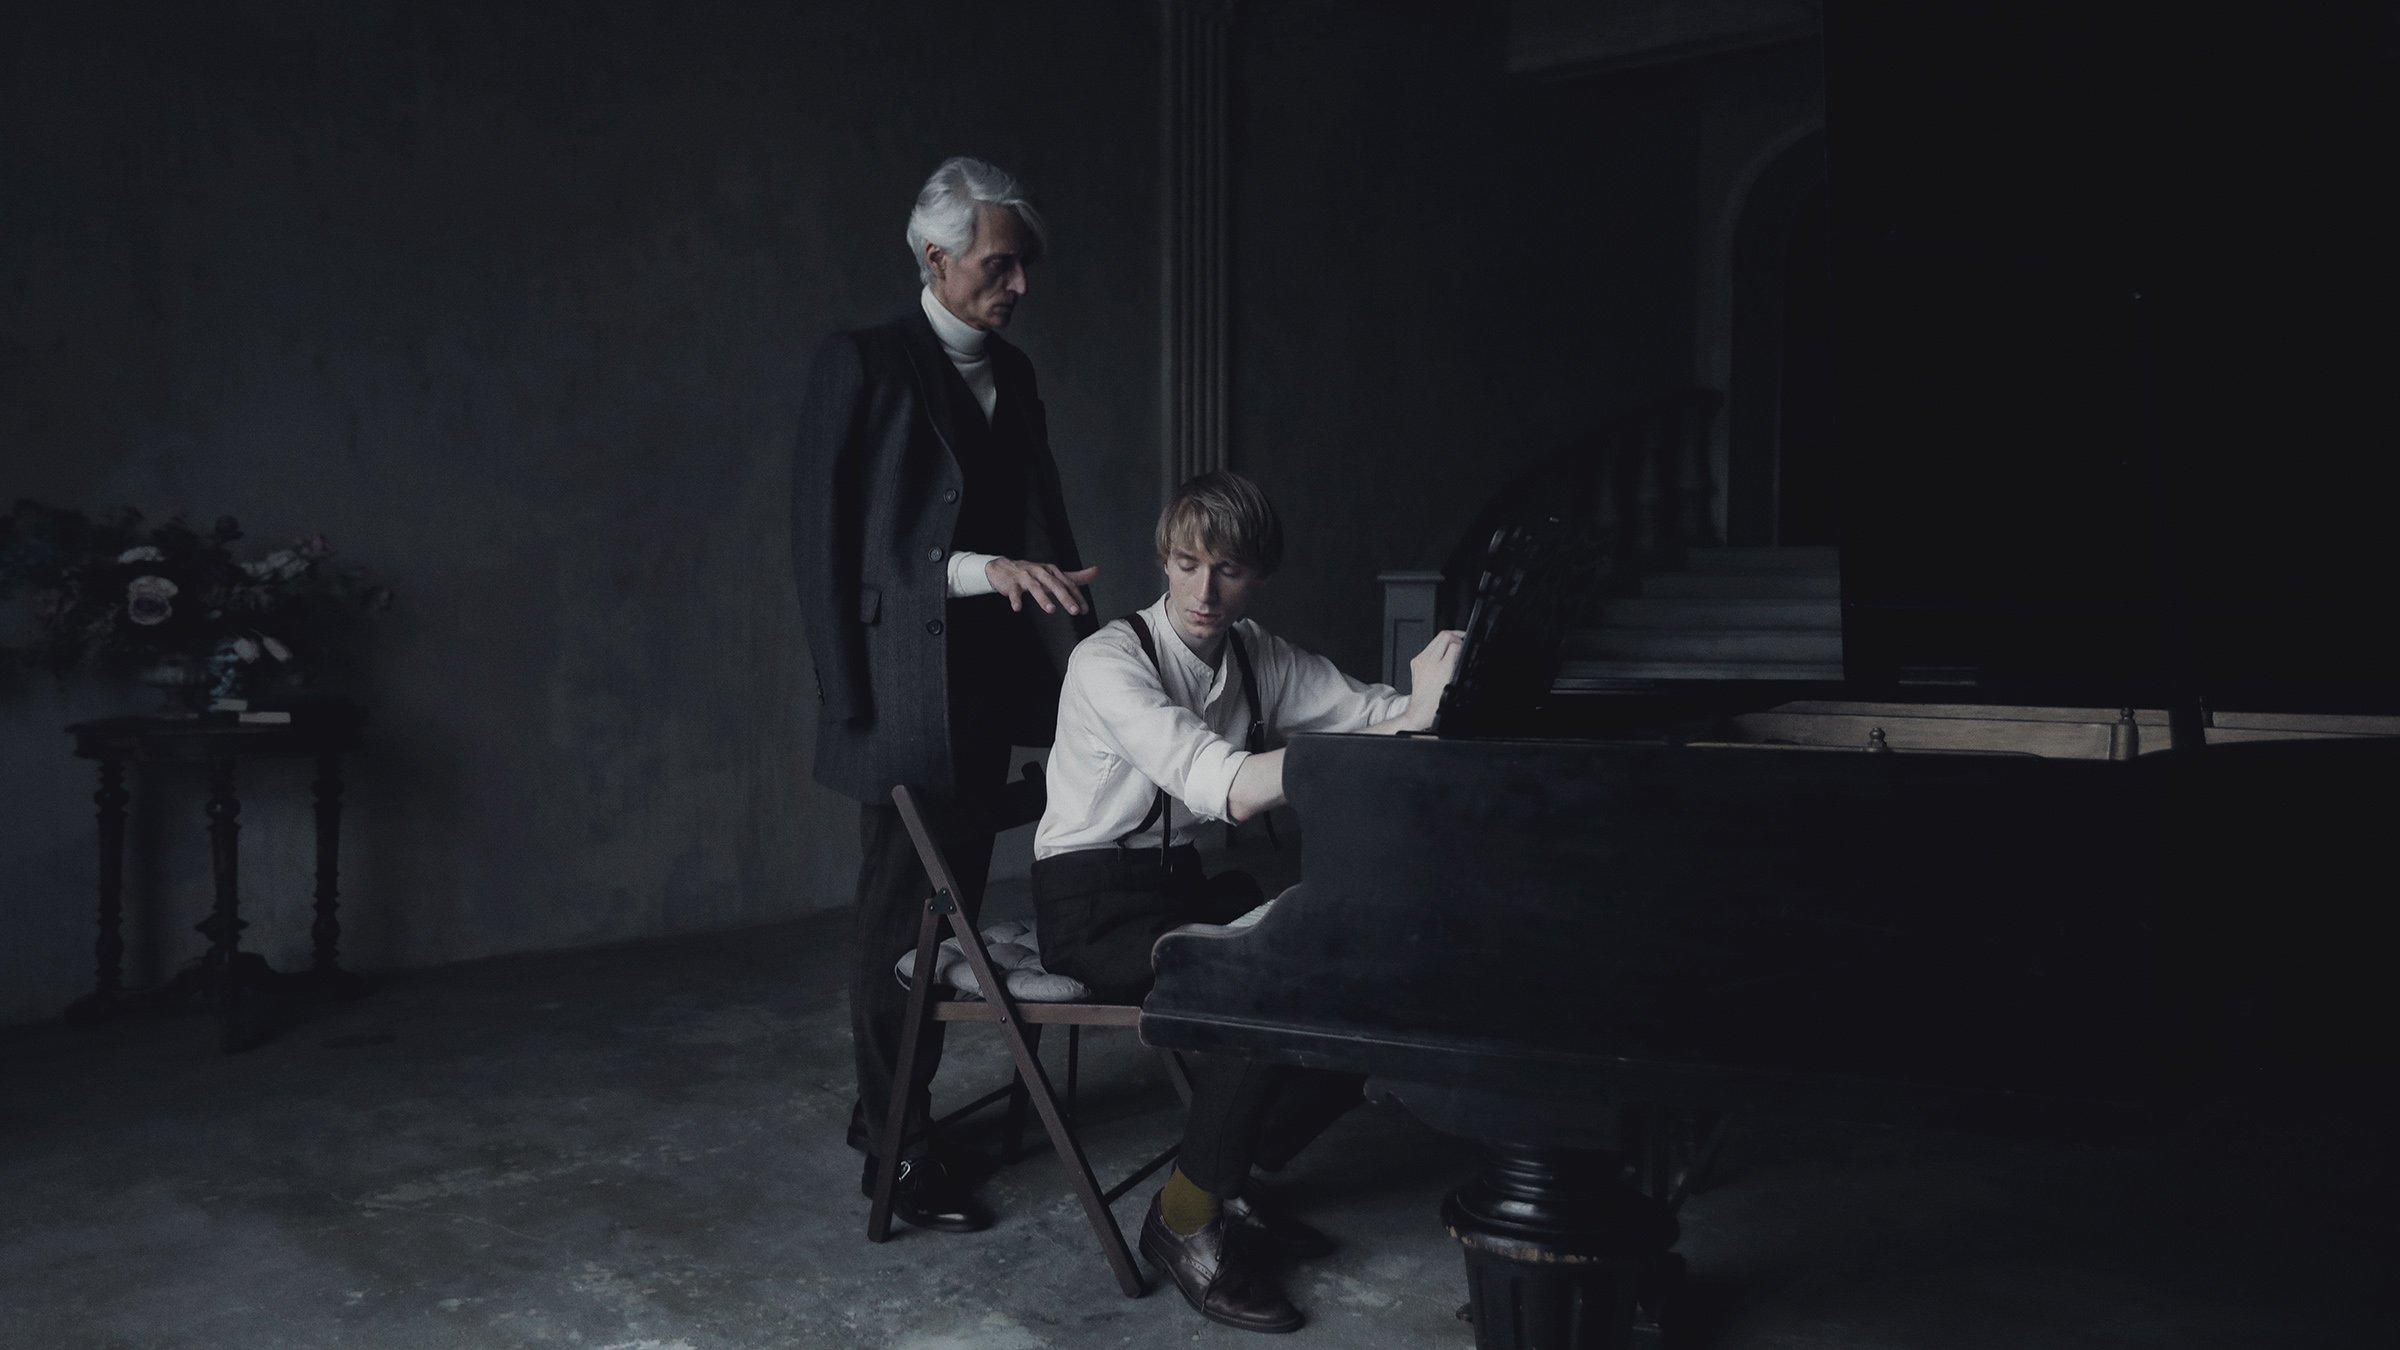 пианист, жанр, портрет, история, фильм, старый рояль, назад в прошлое, Сергей Спирин